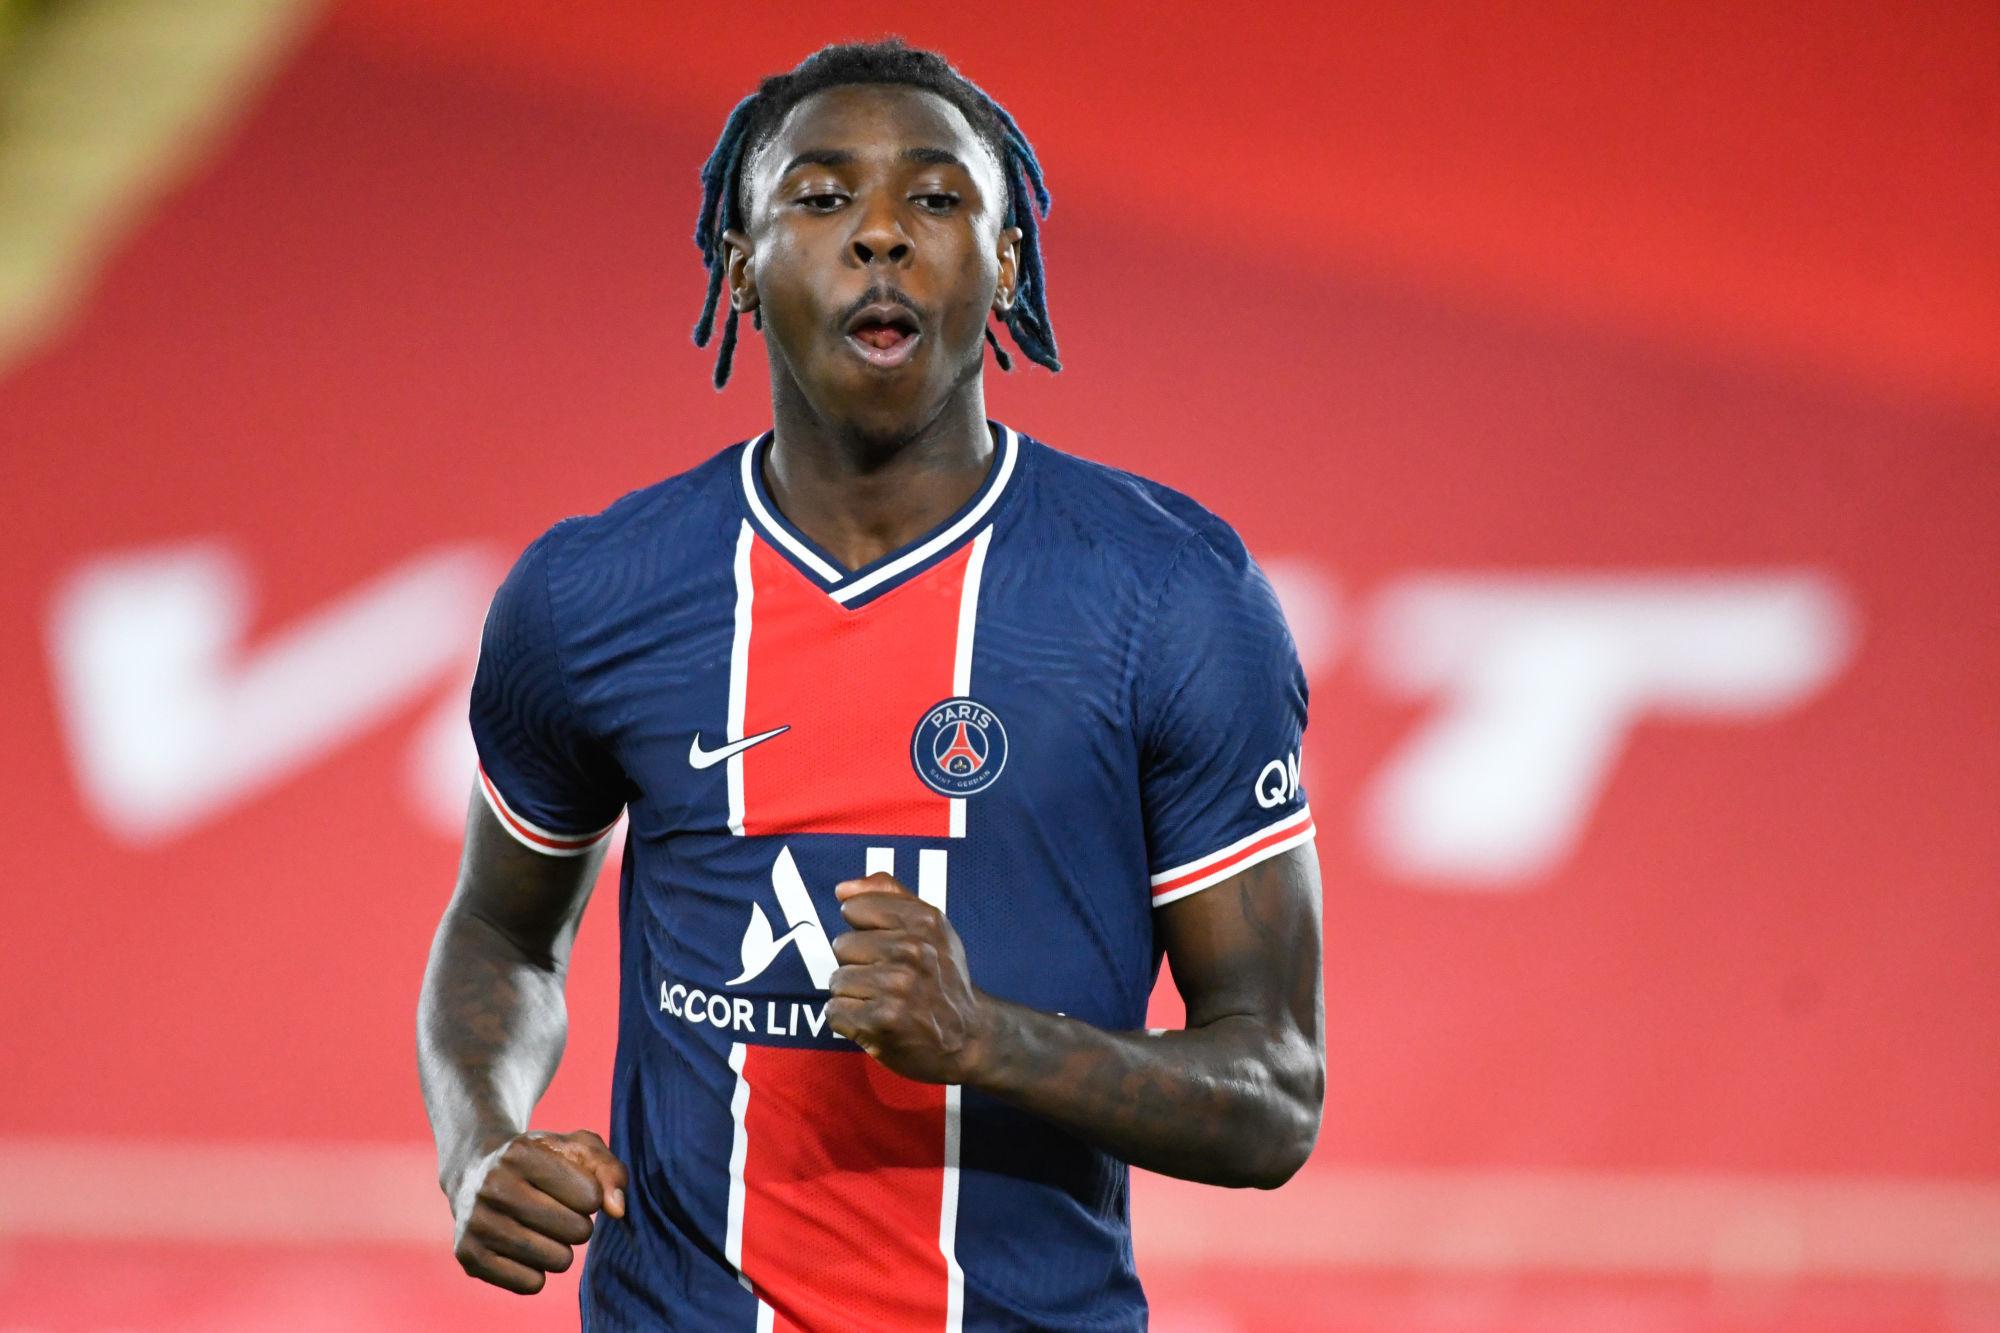 Mercato - Le PSG n'a pas commencé la discussion avec Everton pour Kean, selon Le Parisien